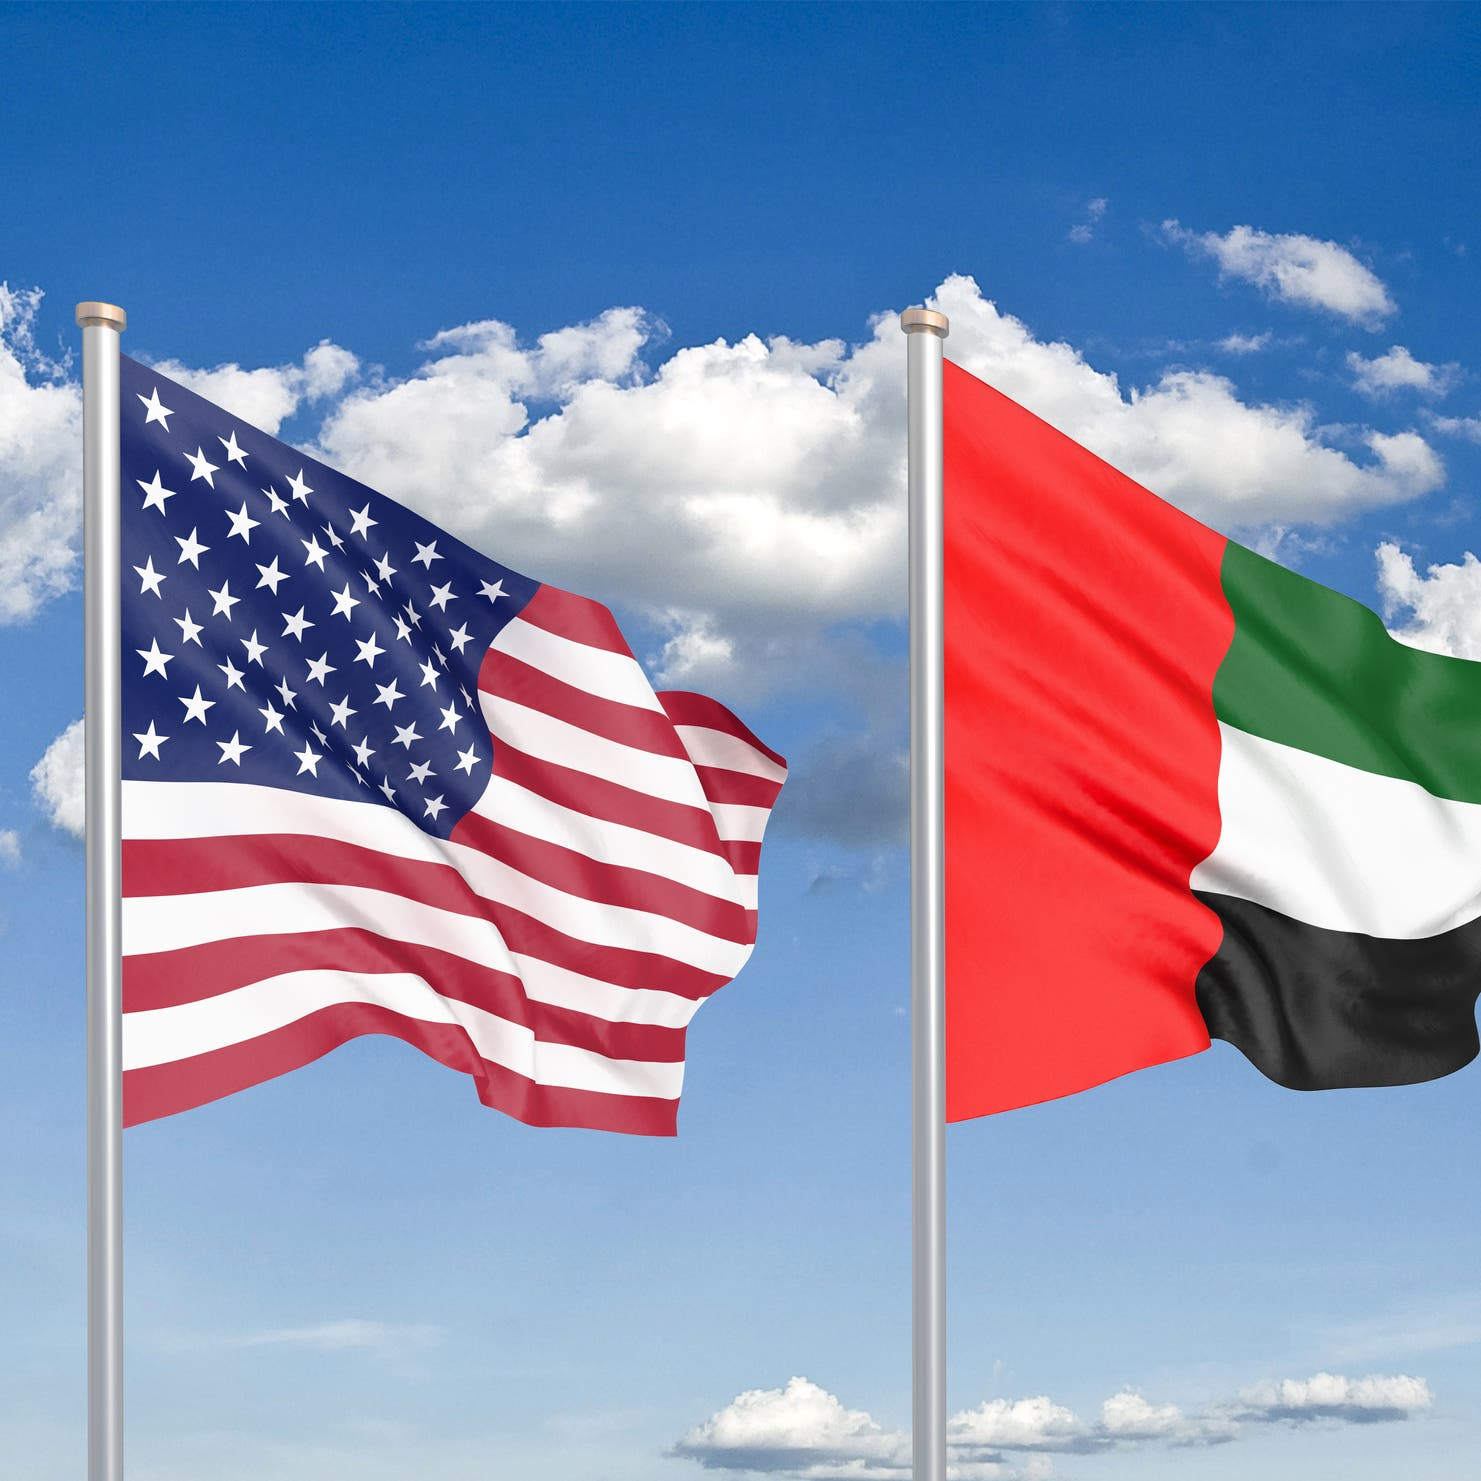 أميركا والإمارات.. تأكيد على تعزيز العلاقة الاستراتيجية